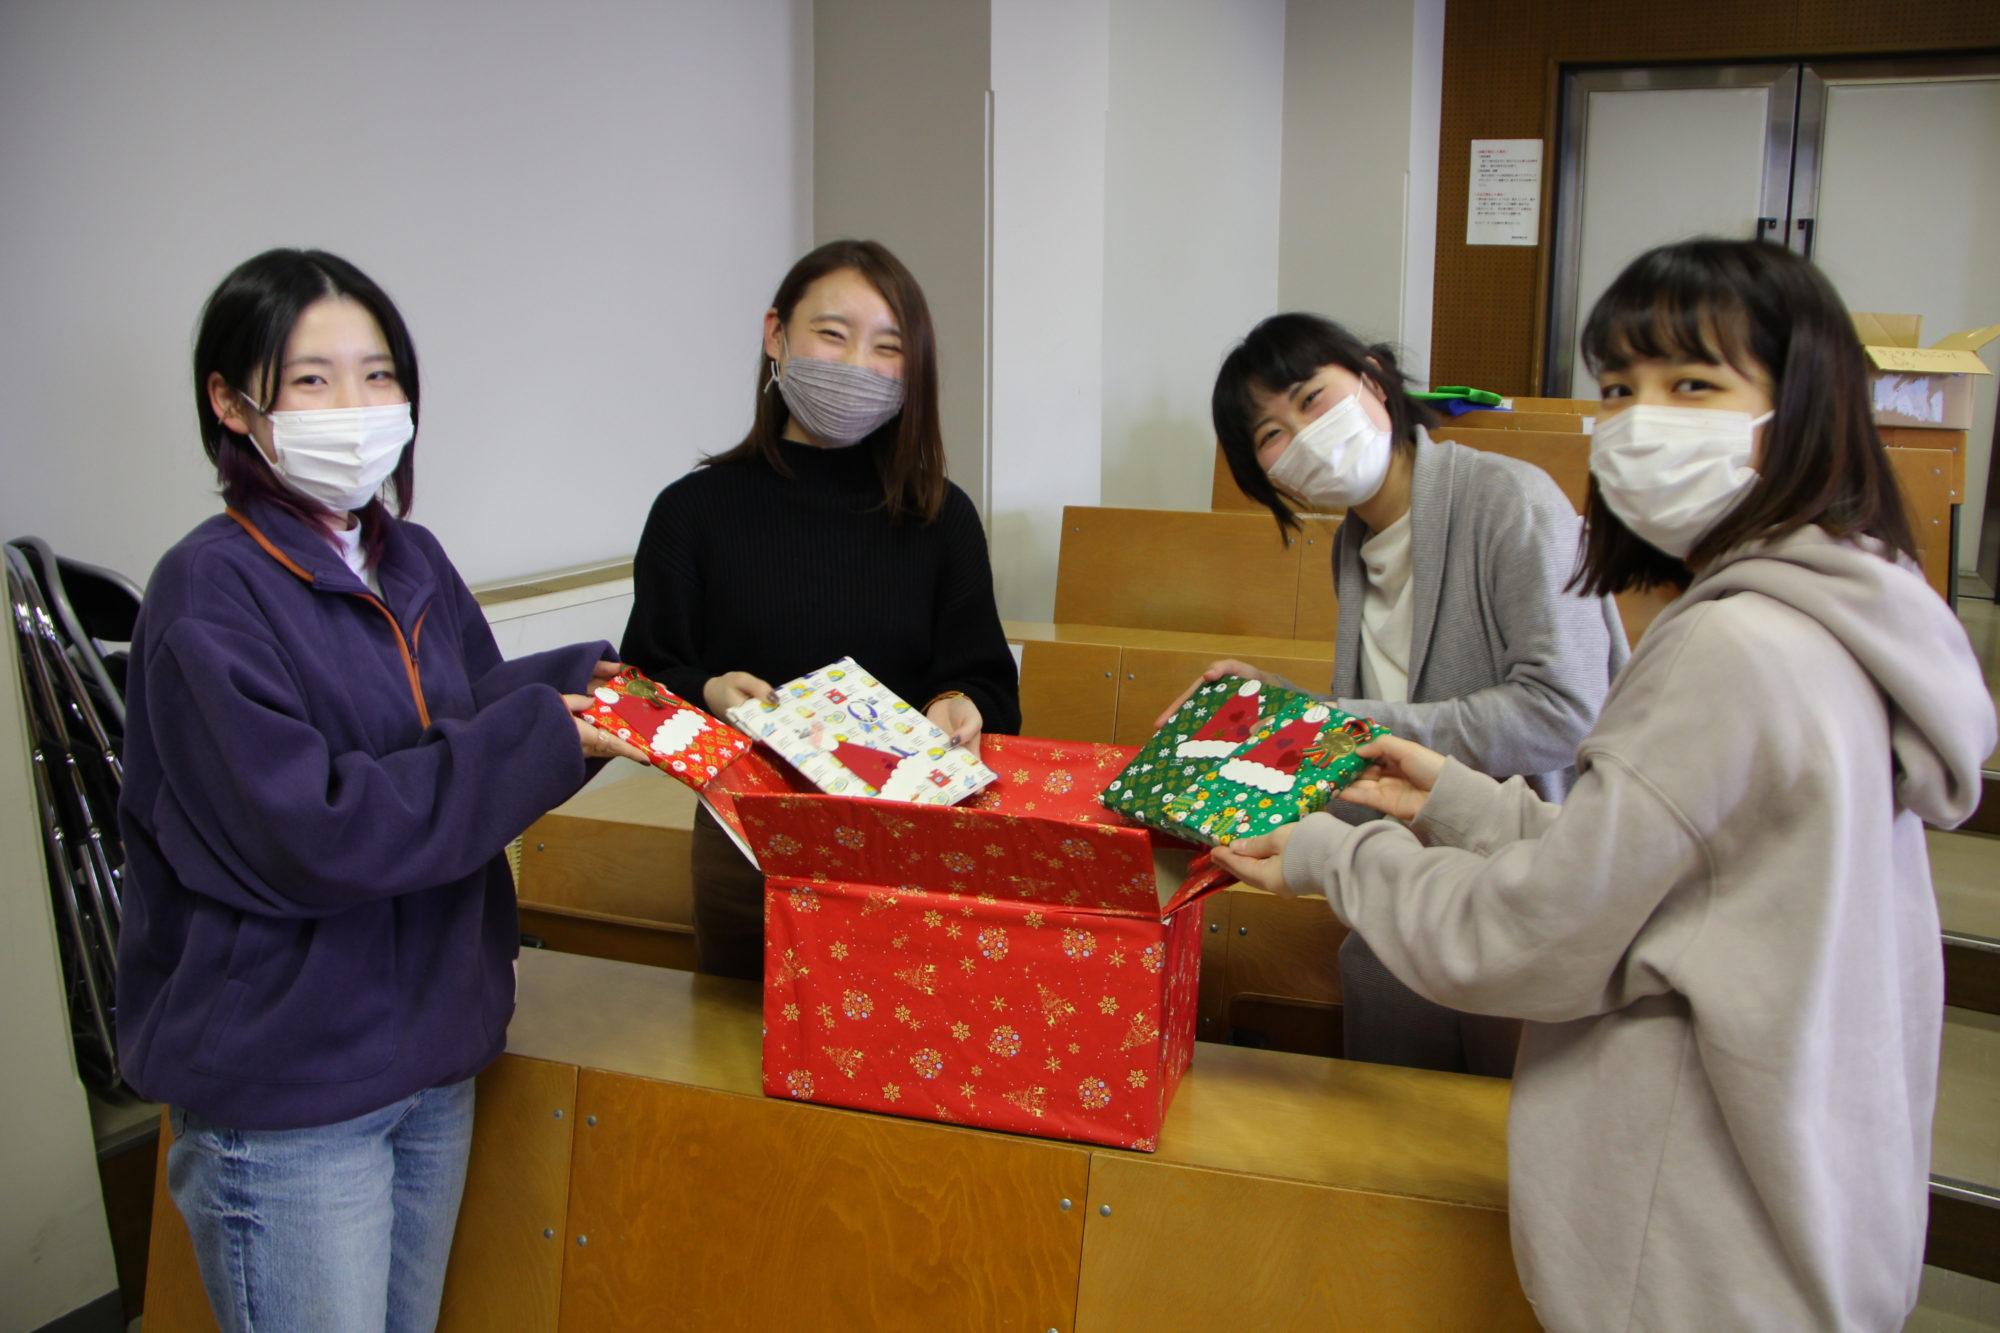 病院で過ごす子どもたちに本をプレゼント「サンタ・プロジェクト」のご報告